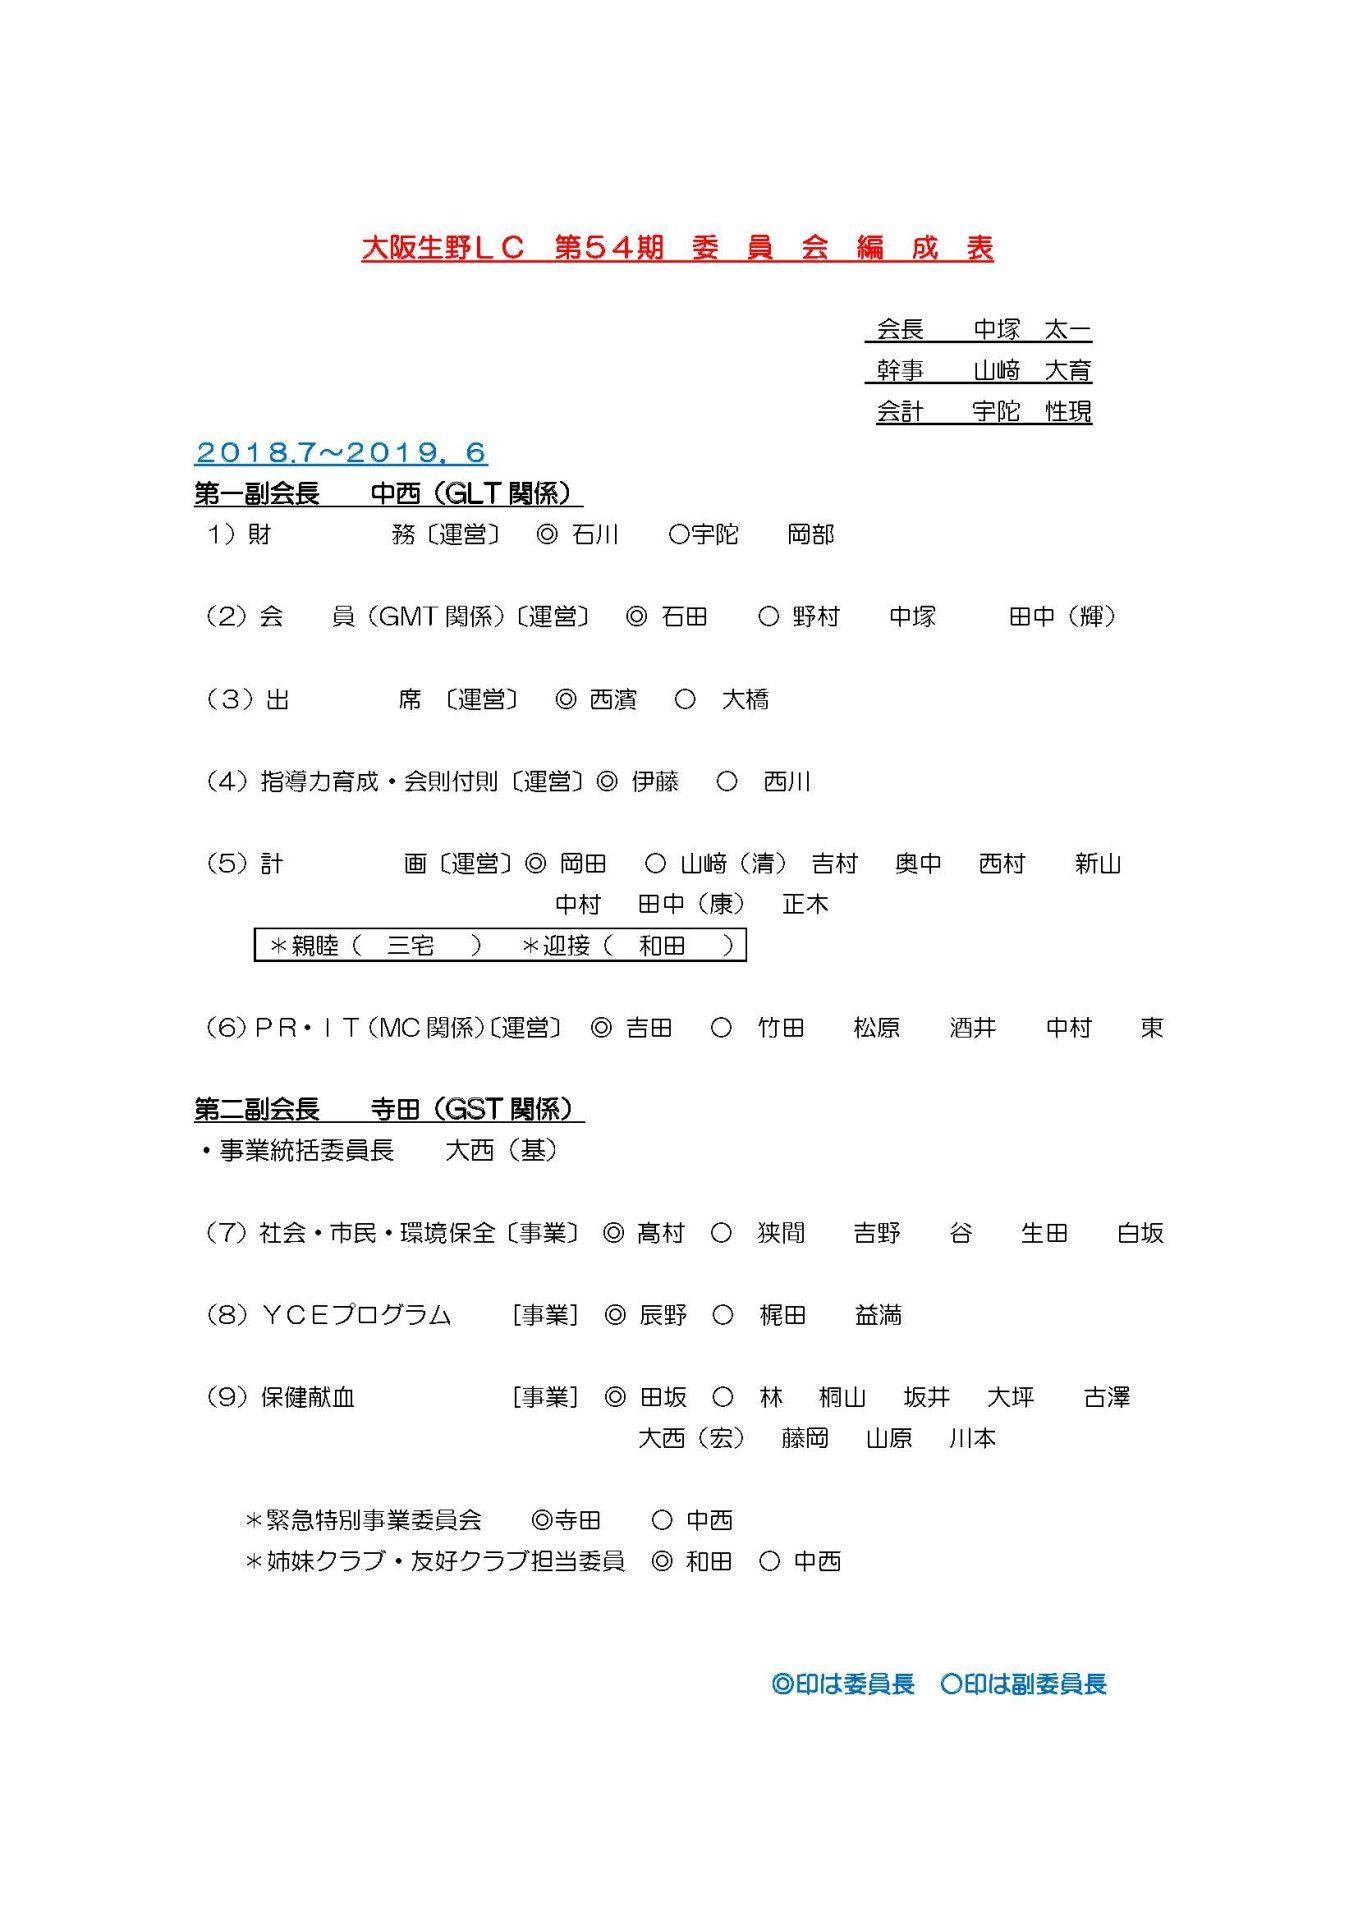 第54期 委員会編成表